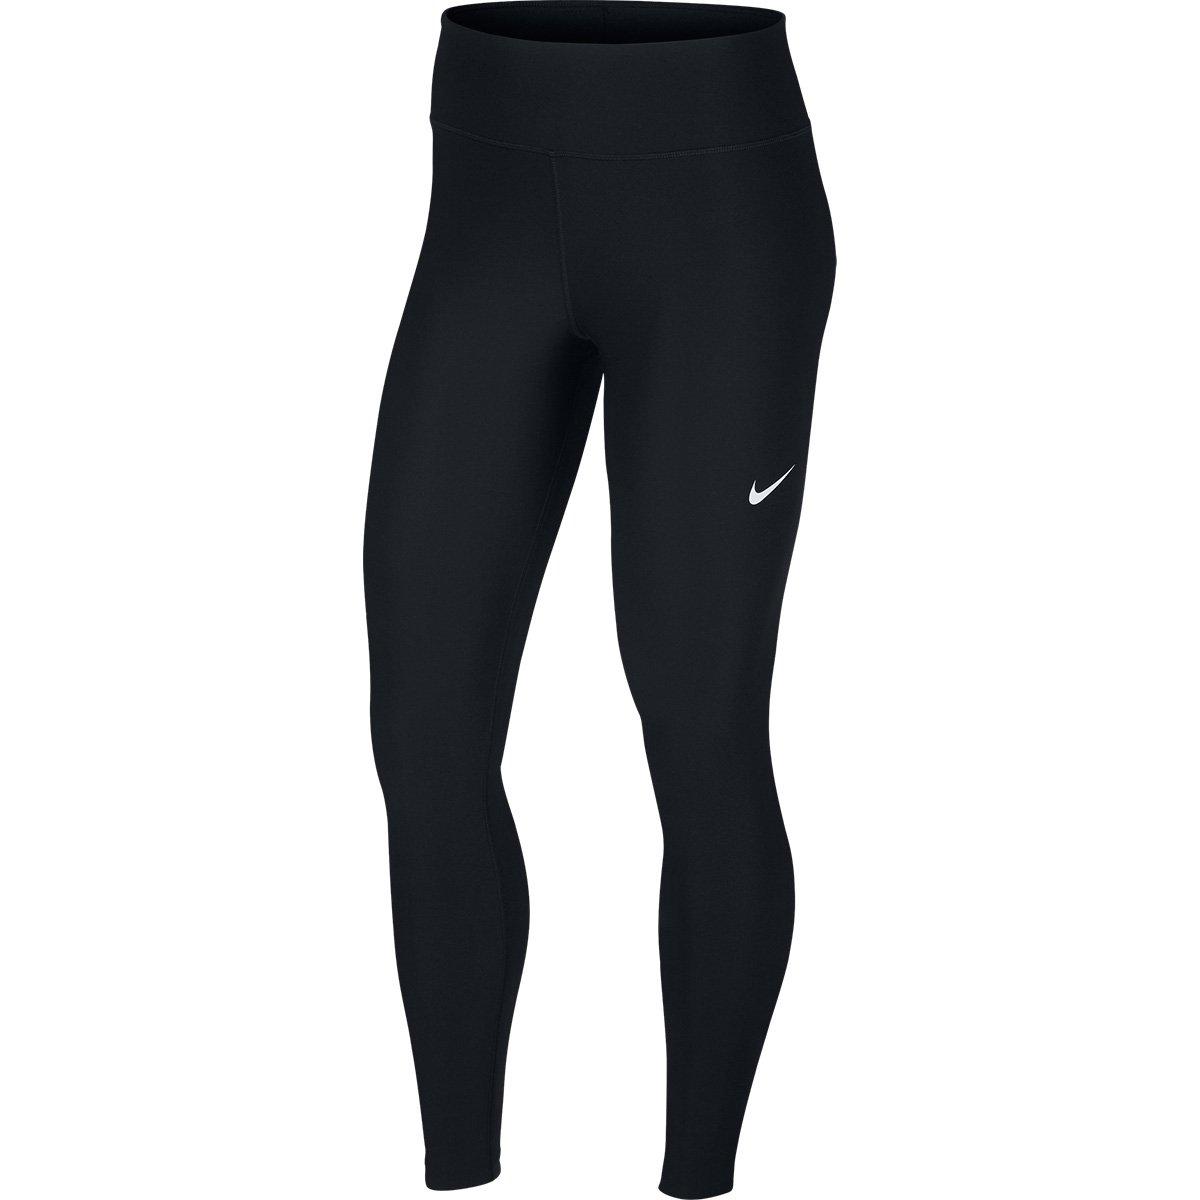 Calça Legging Nike Power Victory Feminina - Preto e Branco - Compre ... 65c25dc85a4ed